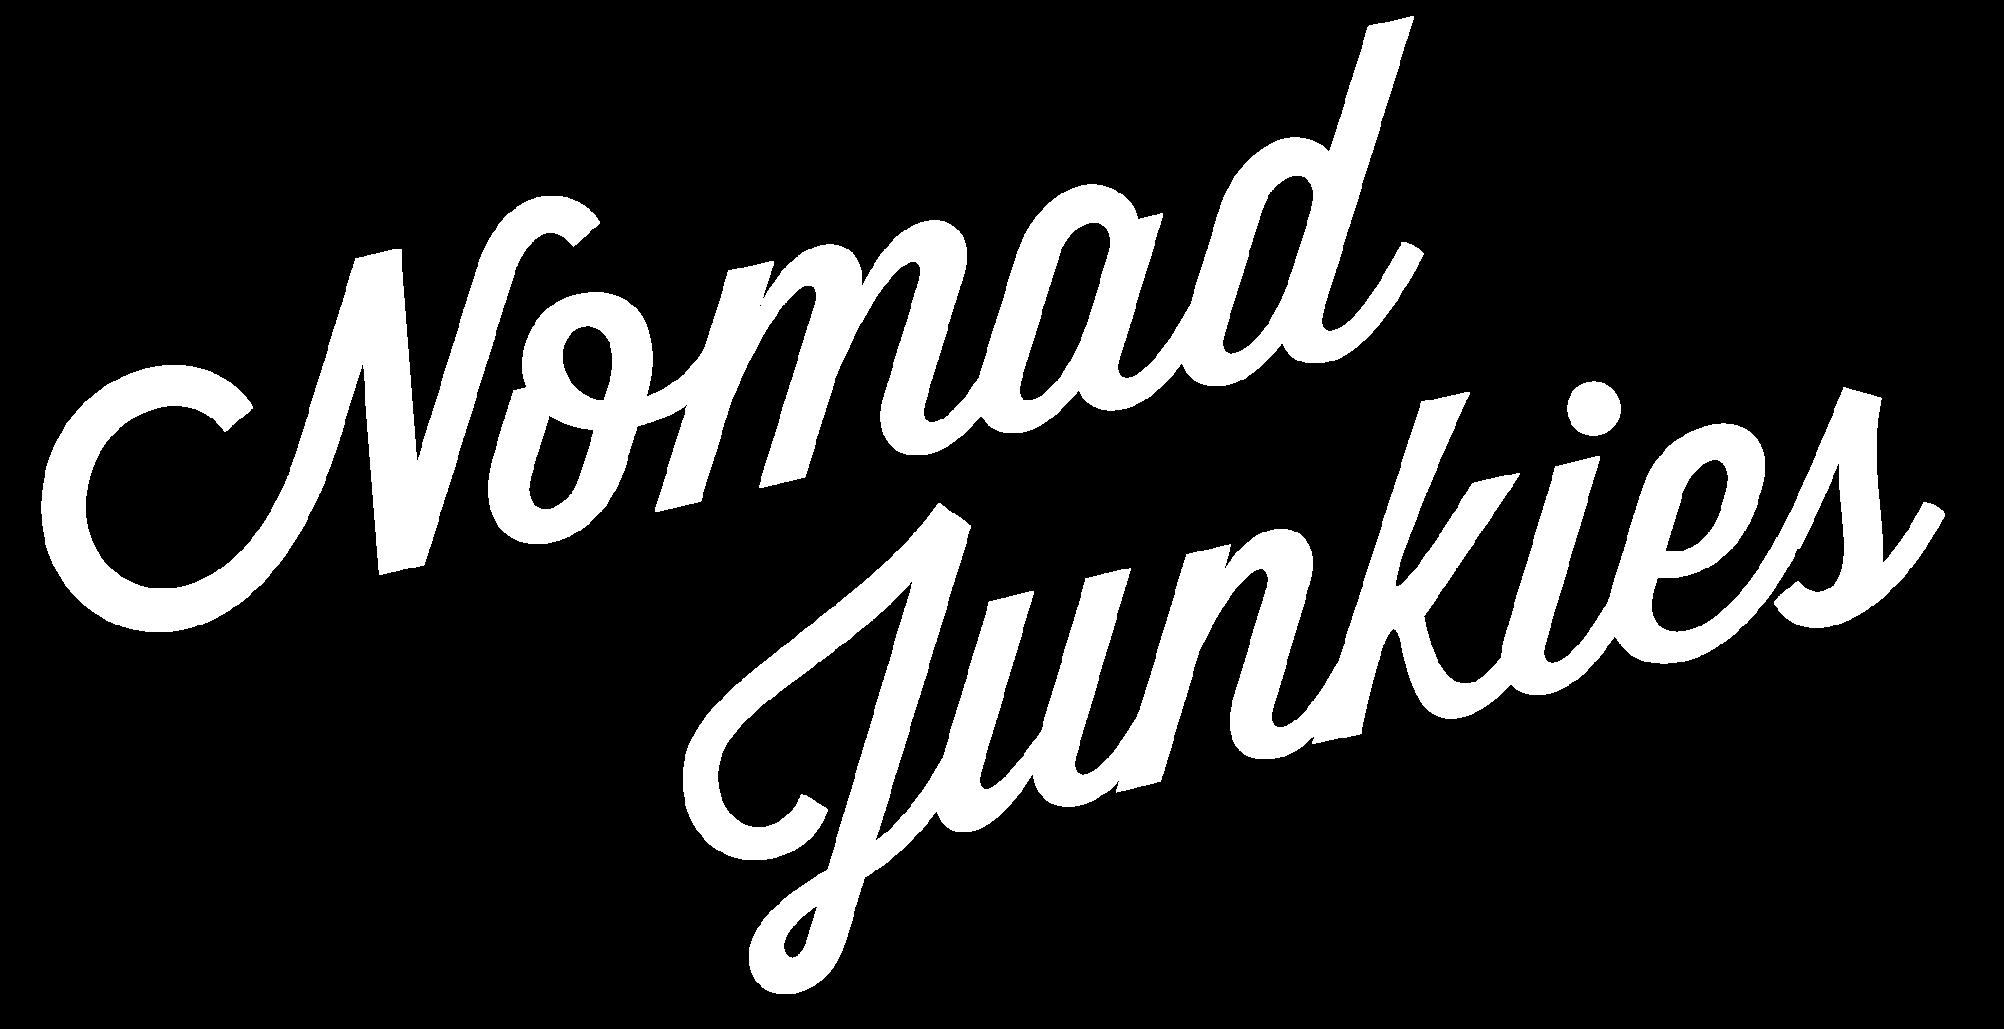 Nomad Junkies